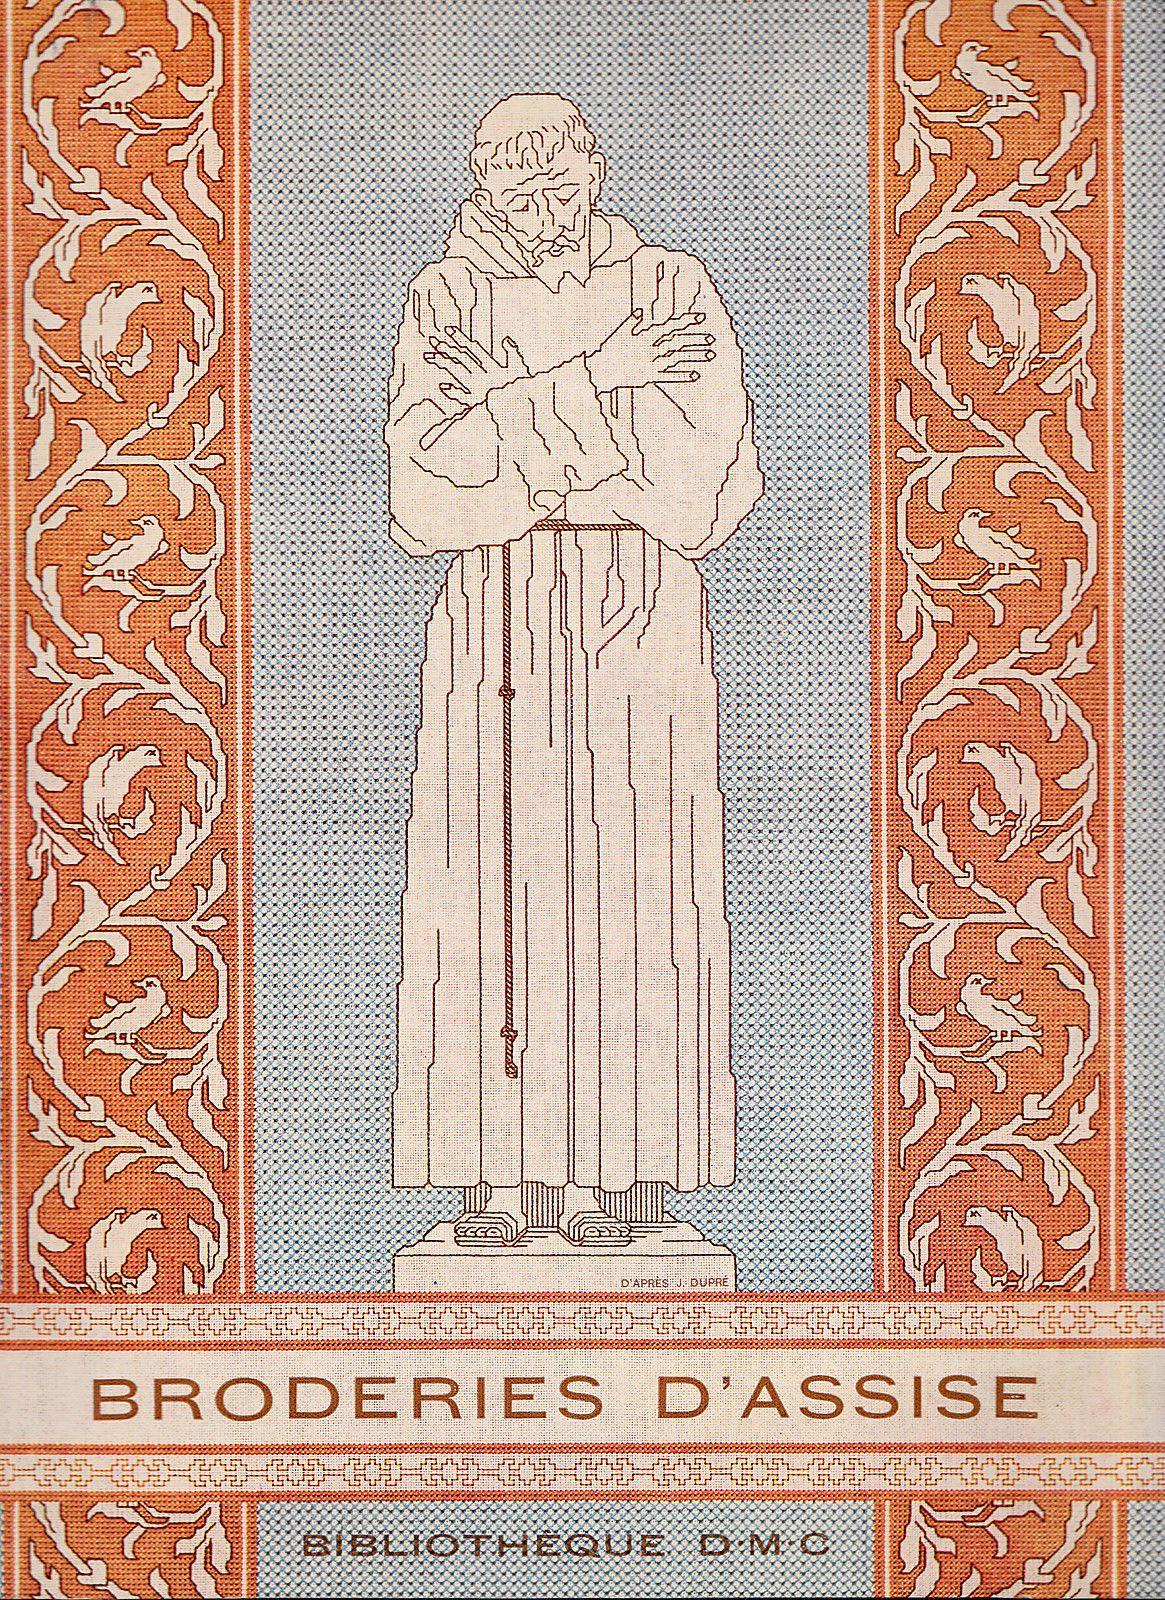 Bibliothek D.M.C.-BRODERIES D'ASSISE-Editions Th.de Dillmont,Mulhouse   eBay